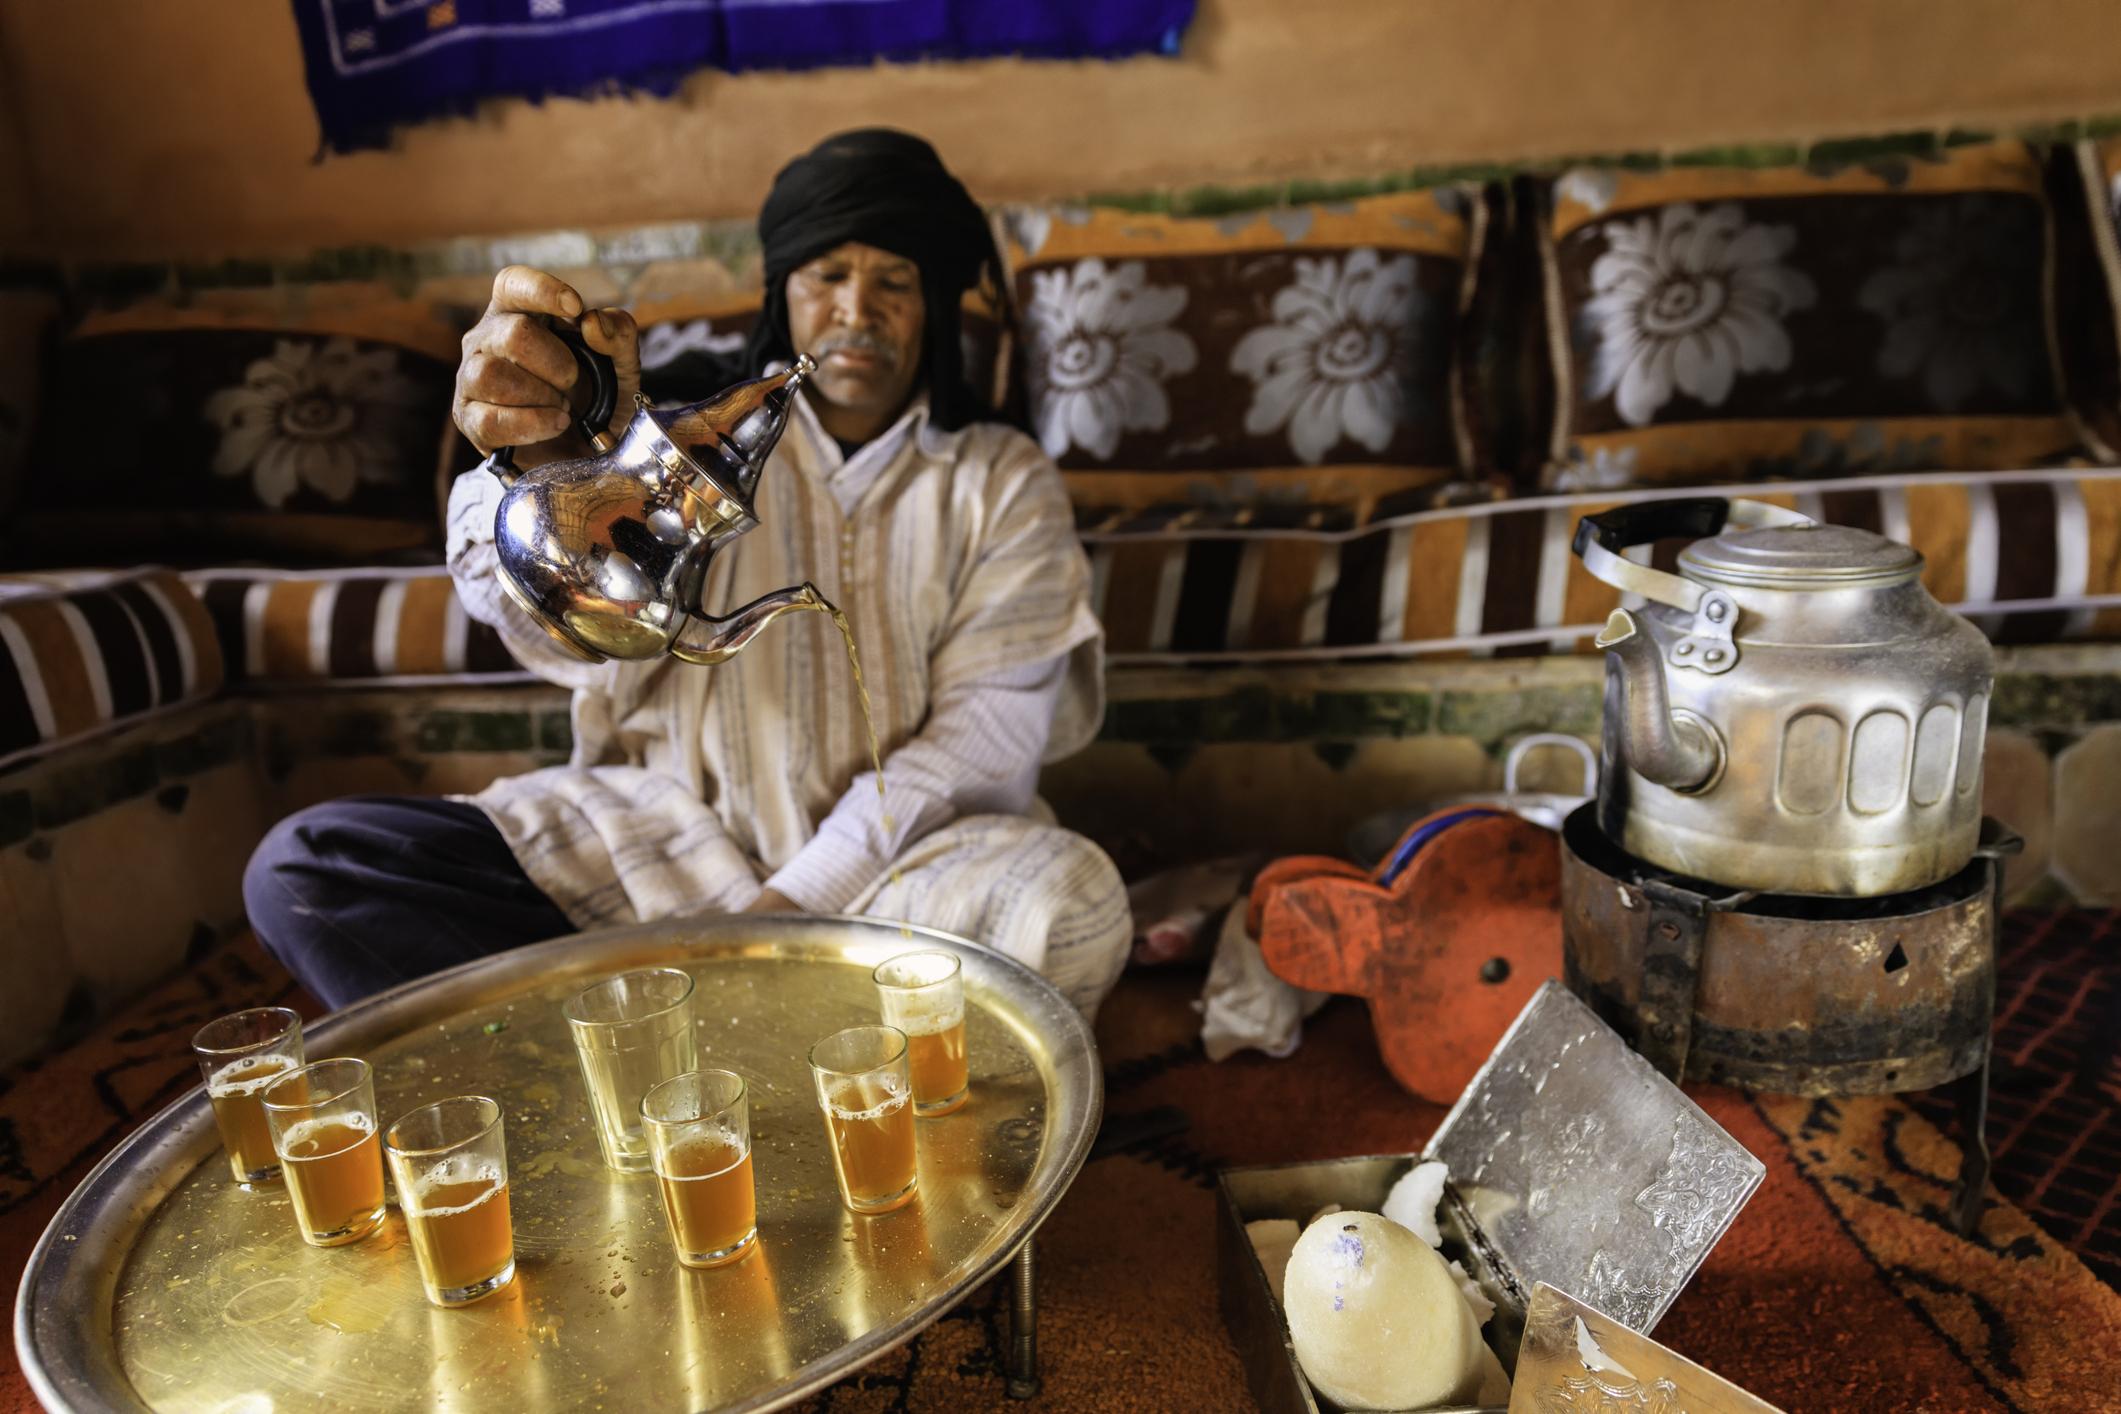 <p><strong>Берберите</strong></p>  <p>Берберите са етнос, който живее в Северна Африка и по-специално в Мароко, Алжир, Тунис и Либия. Известно е, че някои от тях имат светла кожа и светли очи, а от древни времена&nbsp;учените се чудят&nbsp;как тези племена са пристигнали на африканския континент.&nbsp;Според някои версии се смята, че берберите са били свързани с европейците&nbsp;от древни времена.&nbsp;Учените&nbsp;потвърждават, че първите заселници, окупирали Ирландия, са генетично идентични с берберите. Сравнително нова теория пък предполага, че келтският език в един момент е бил lingua franca, което означава, че е бил приет като общ език.</p>